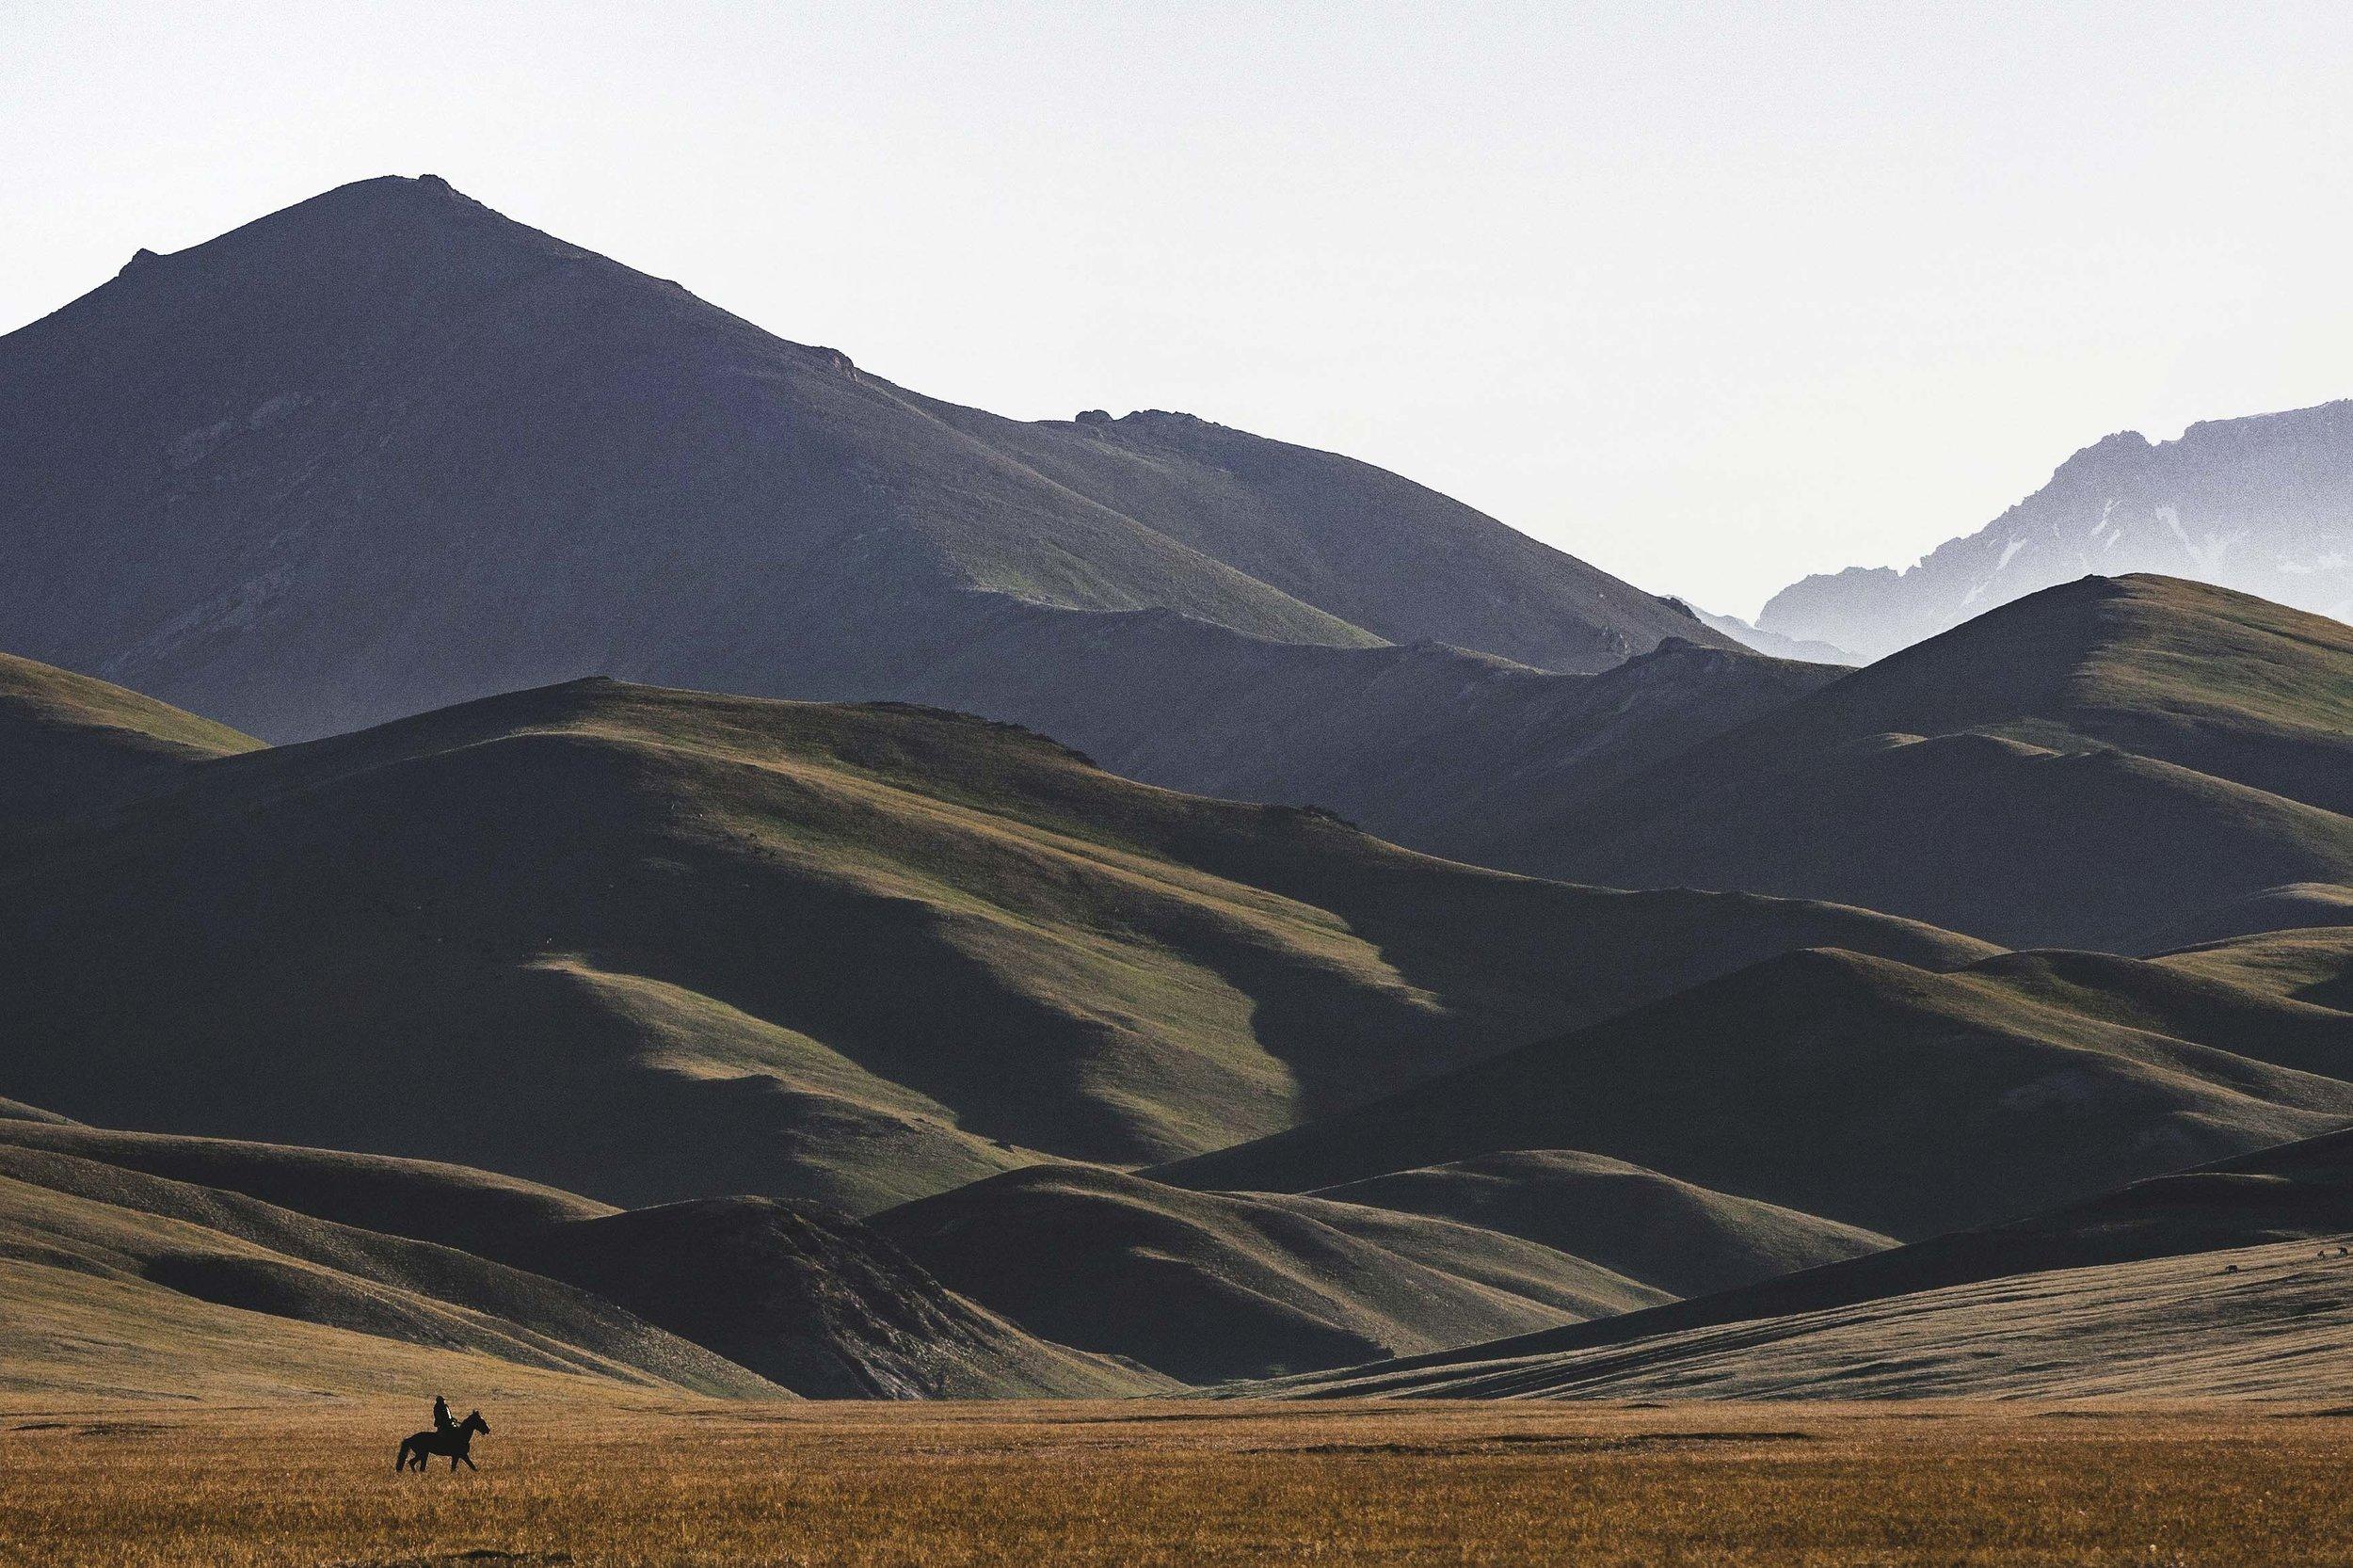 Lone Horseman in Song-Kul. Photo: Kel Morales.